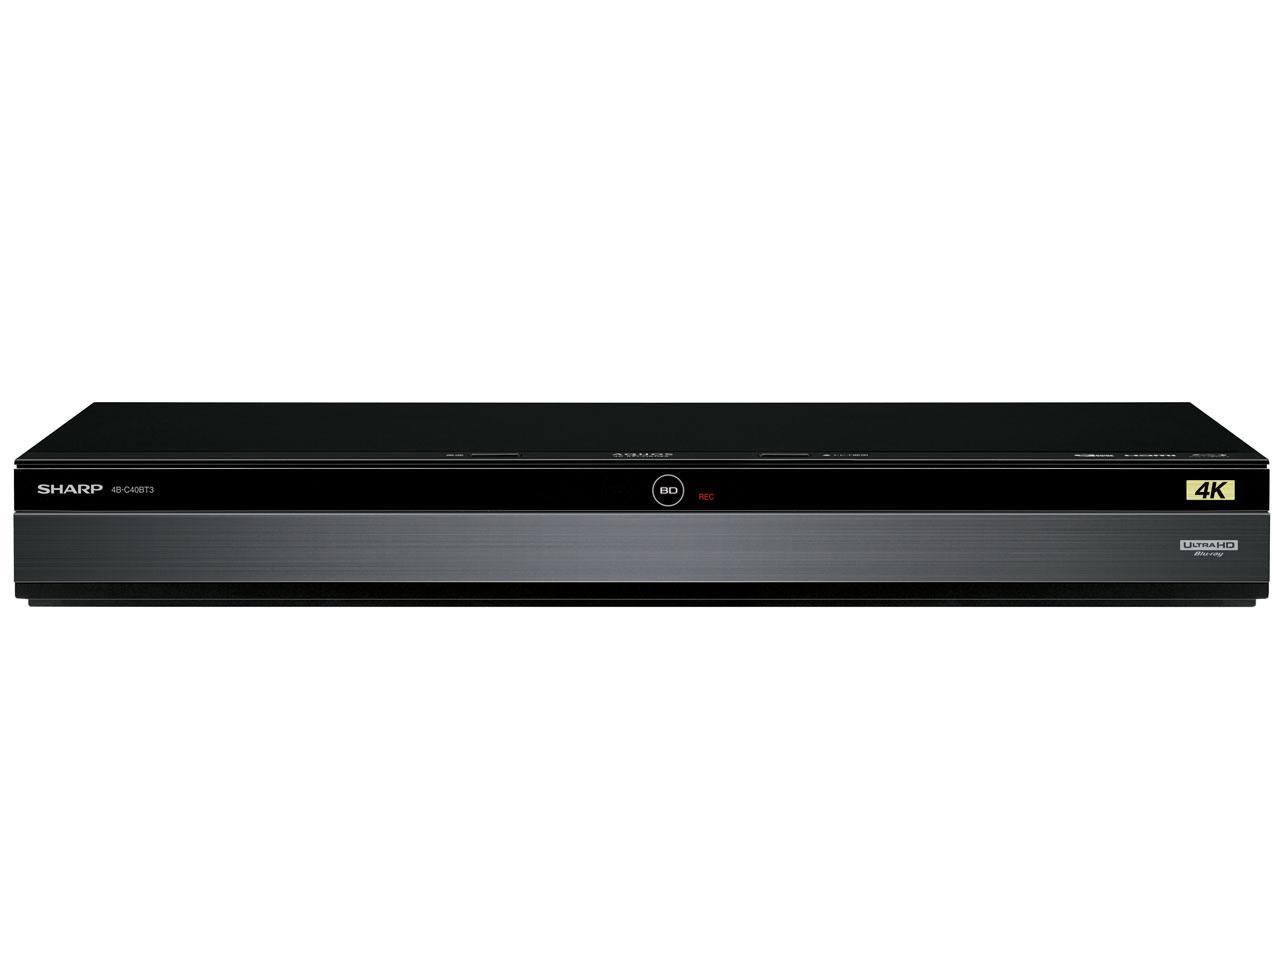 シャープ(SHARP) シャープ 4TB 3チューナー ブルーレイレコーダー 4Kチューナー内蔵 4K放送W録画対応 4Kアップコンバード対応 UltraHD再生対応 4B-C40BT3【smtb-s】